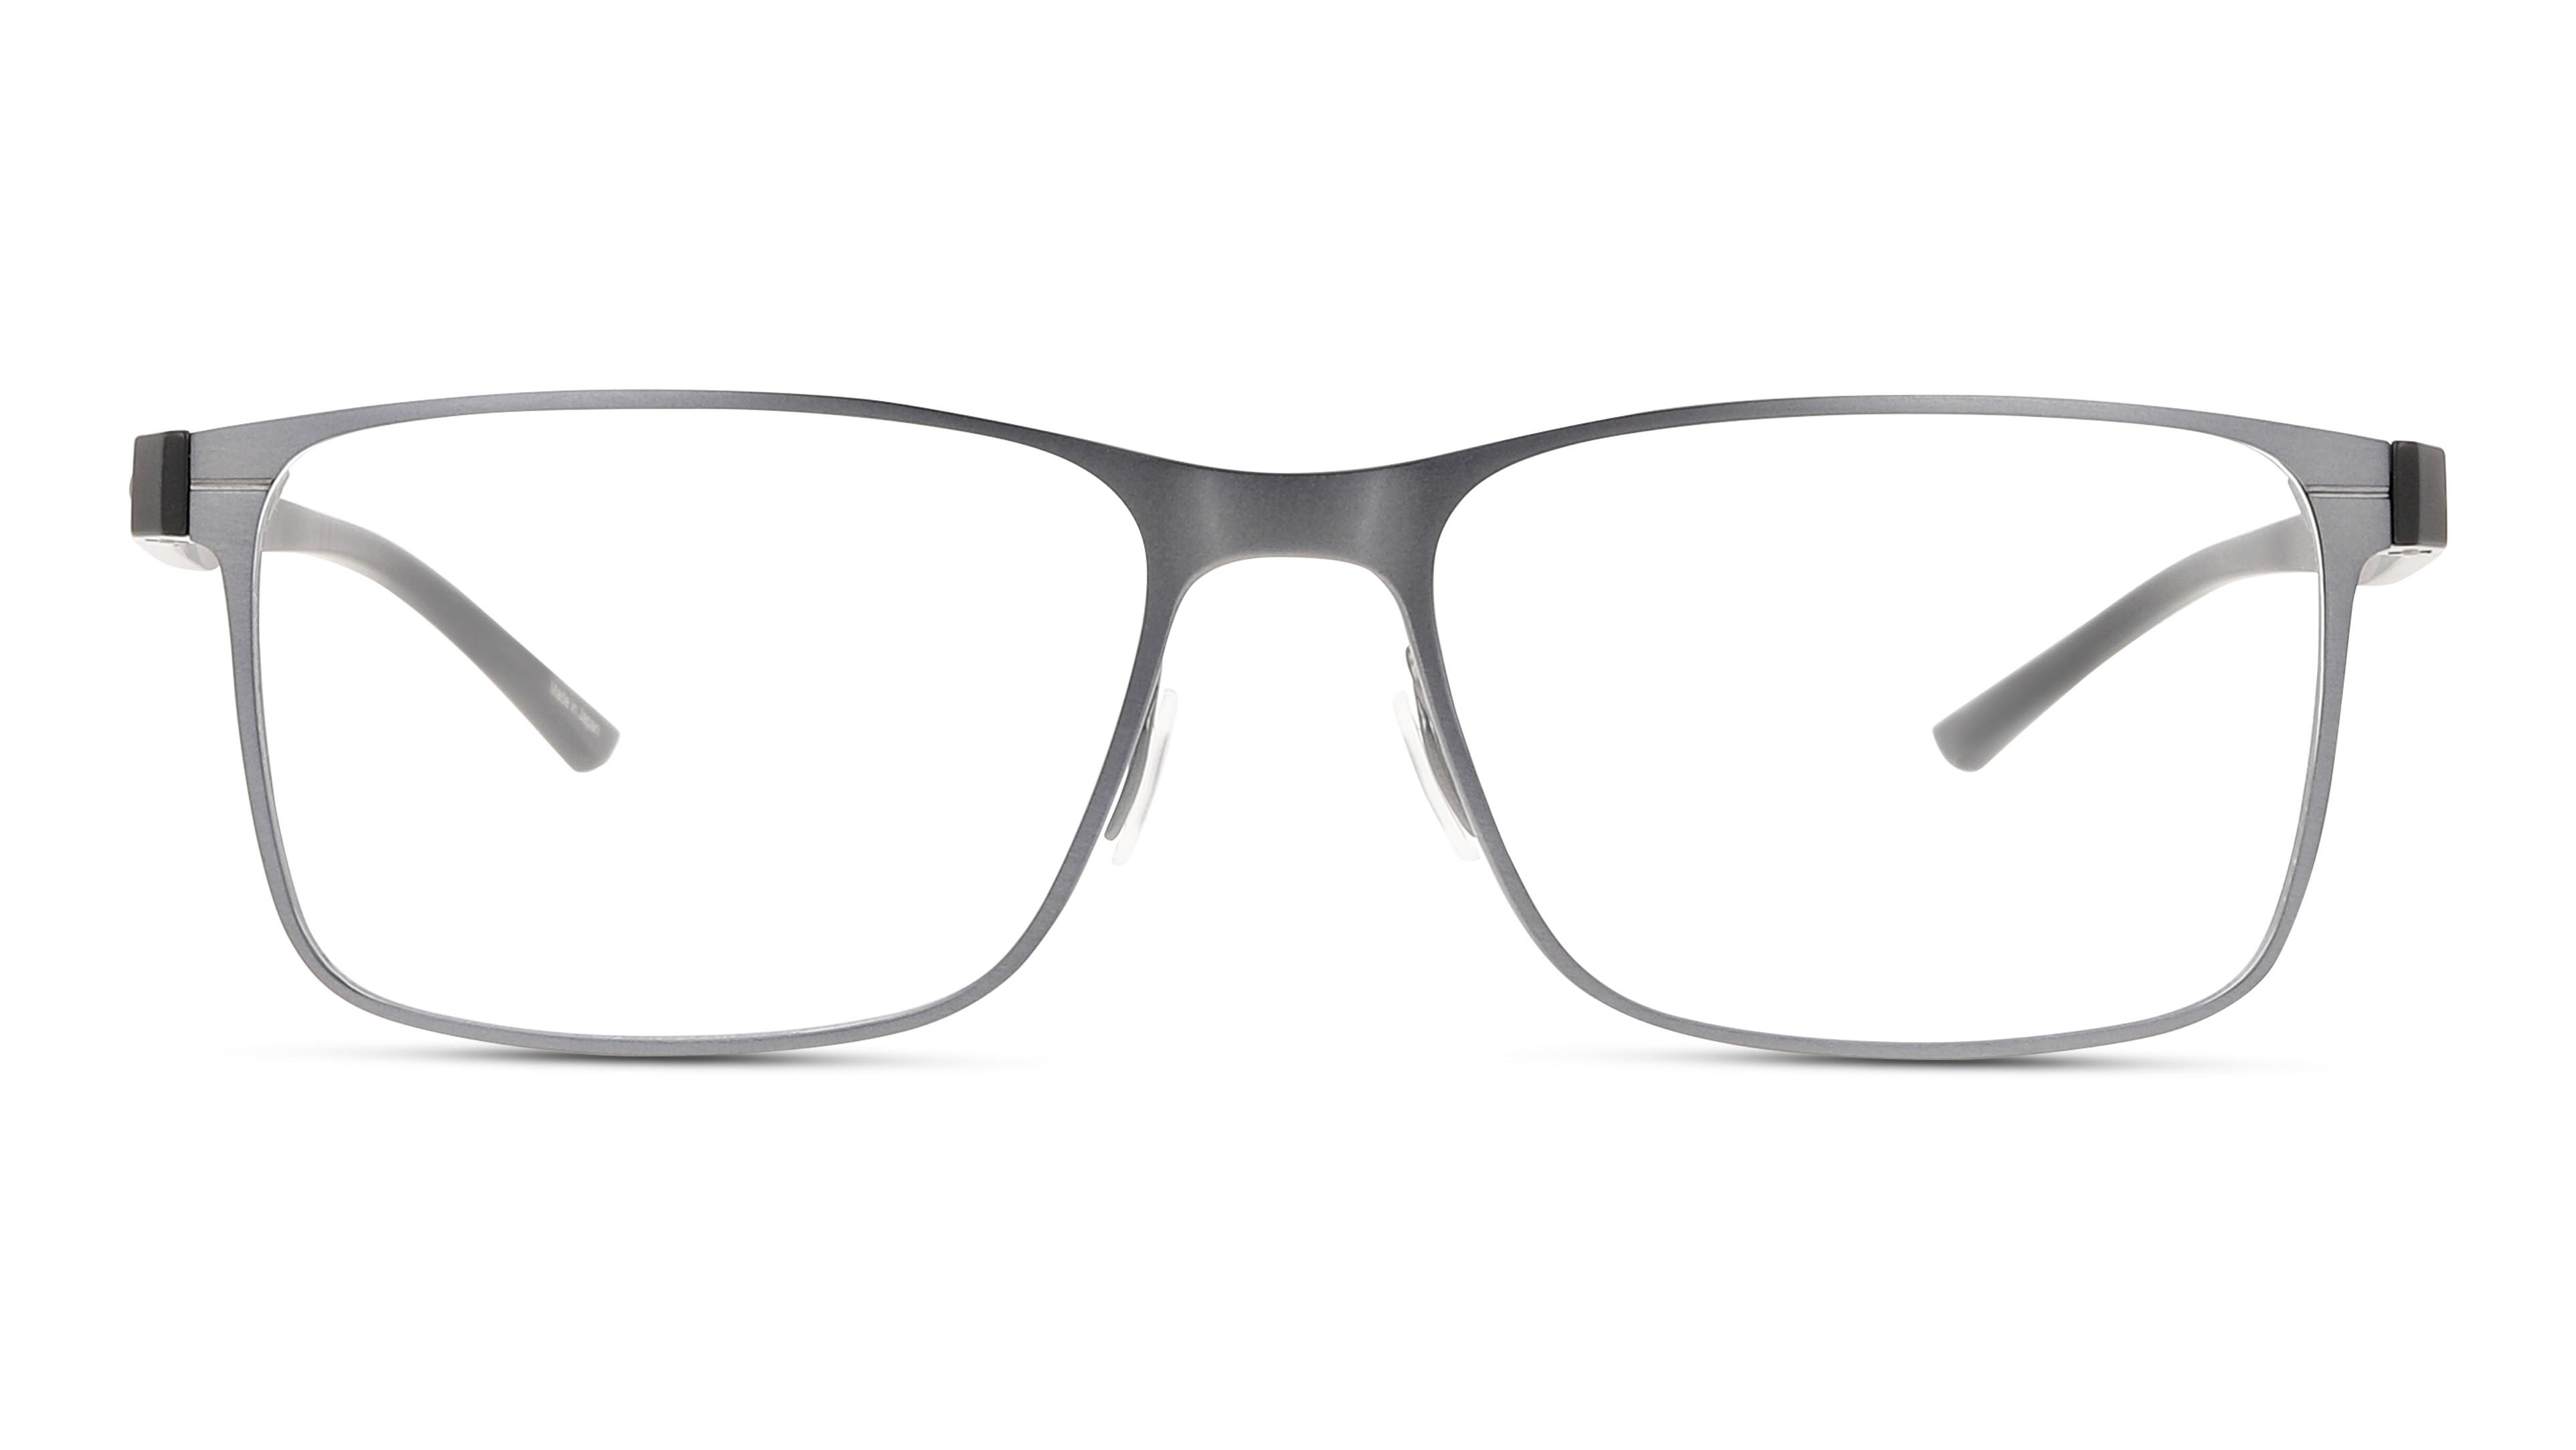 4046901035143-front-01-porsche-design-p8346-eyewear-blue